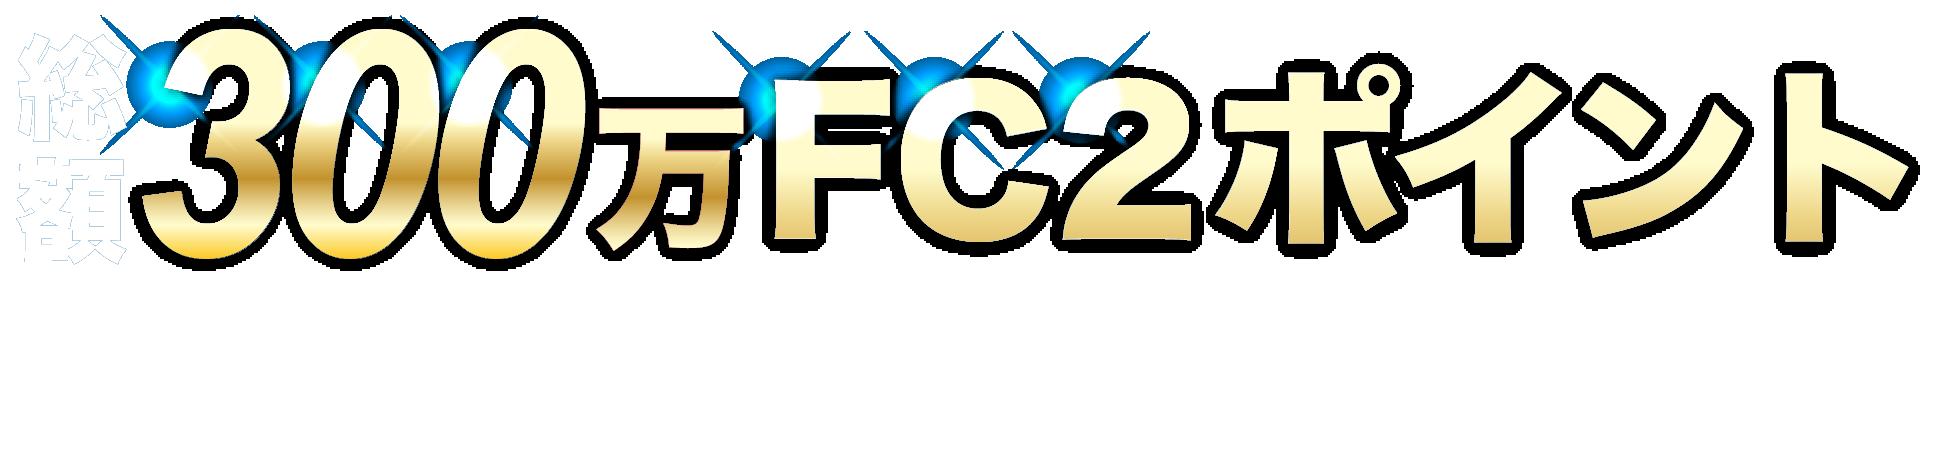 総額300万FC2ポイントプレゼントキャンペーン